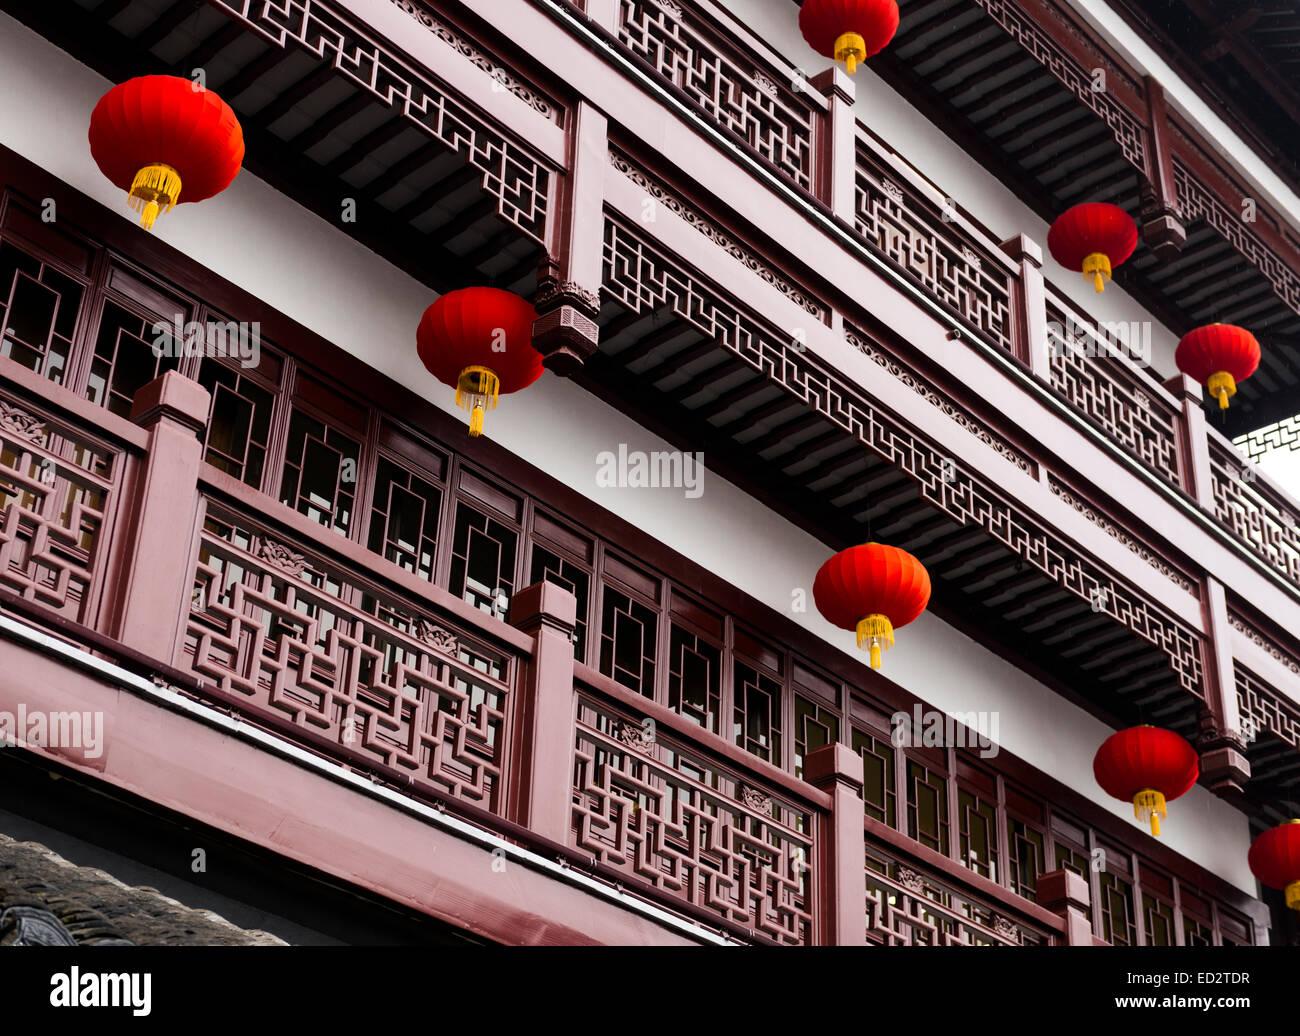 Lanterne rosse e architettura tradizionale dettagli della città vecchia di Shanghai, Cina Immagini Stock